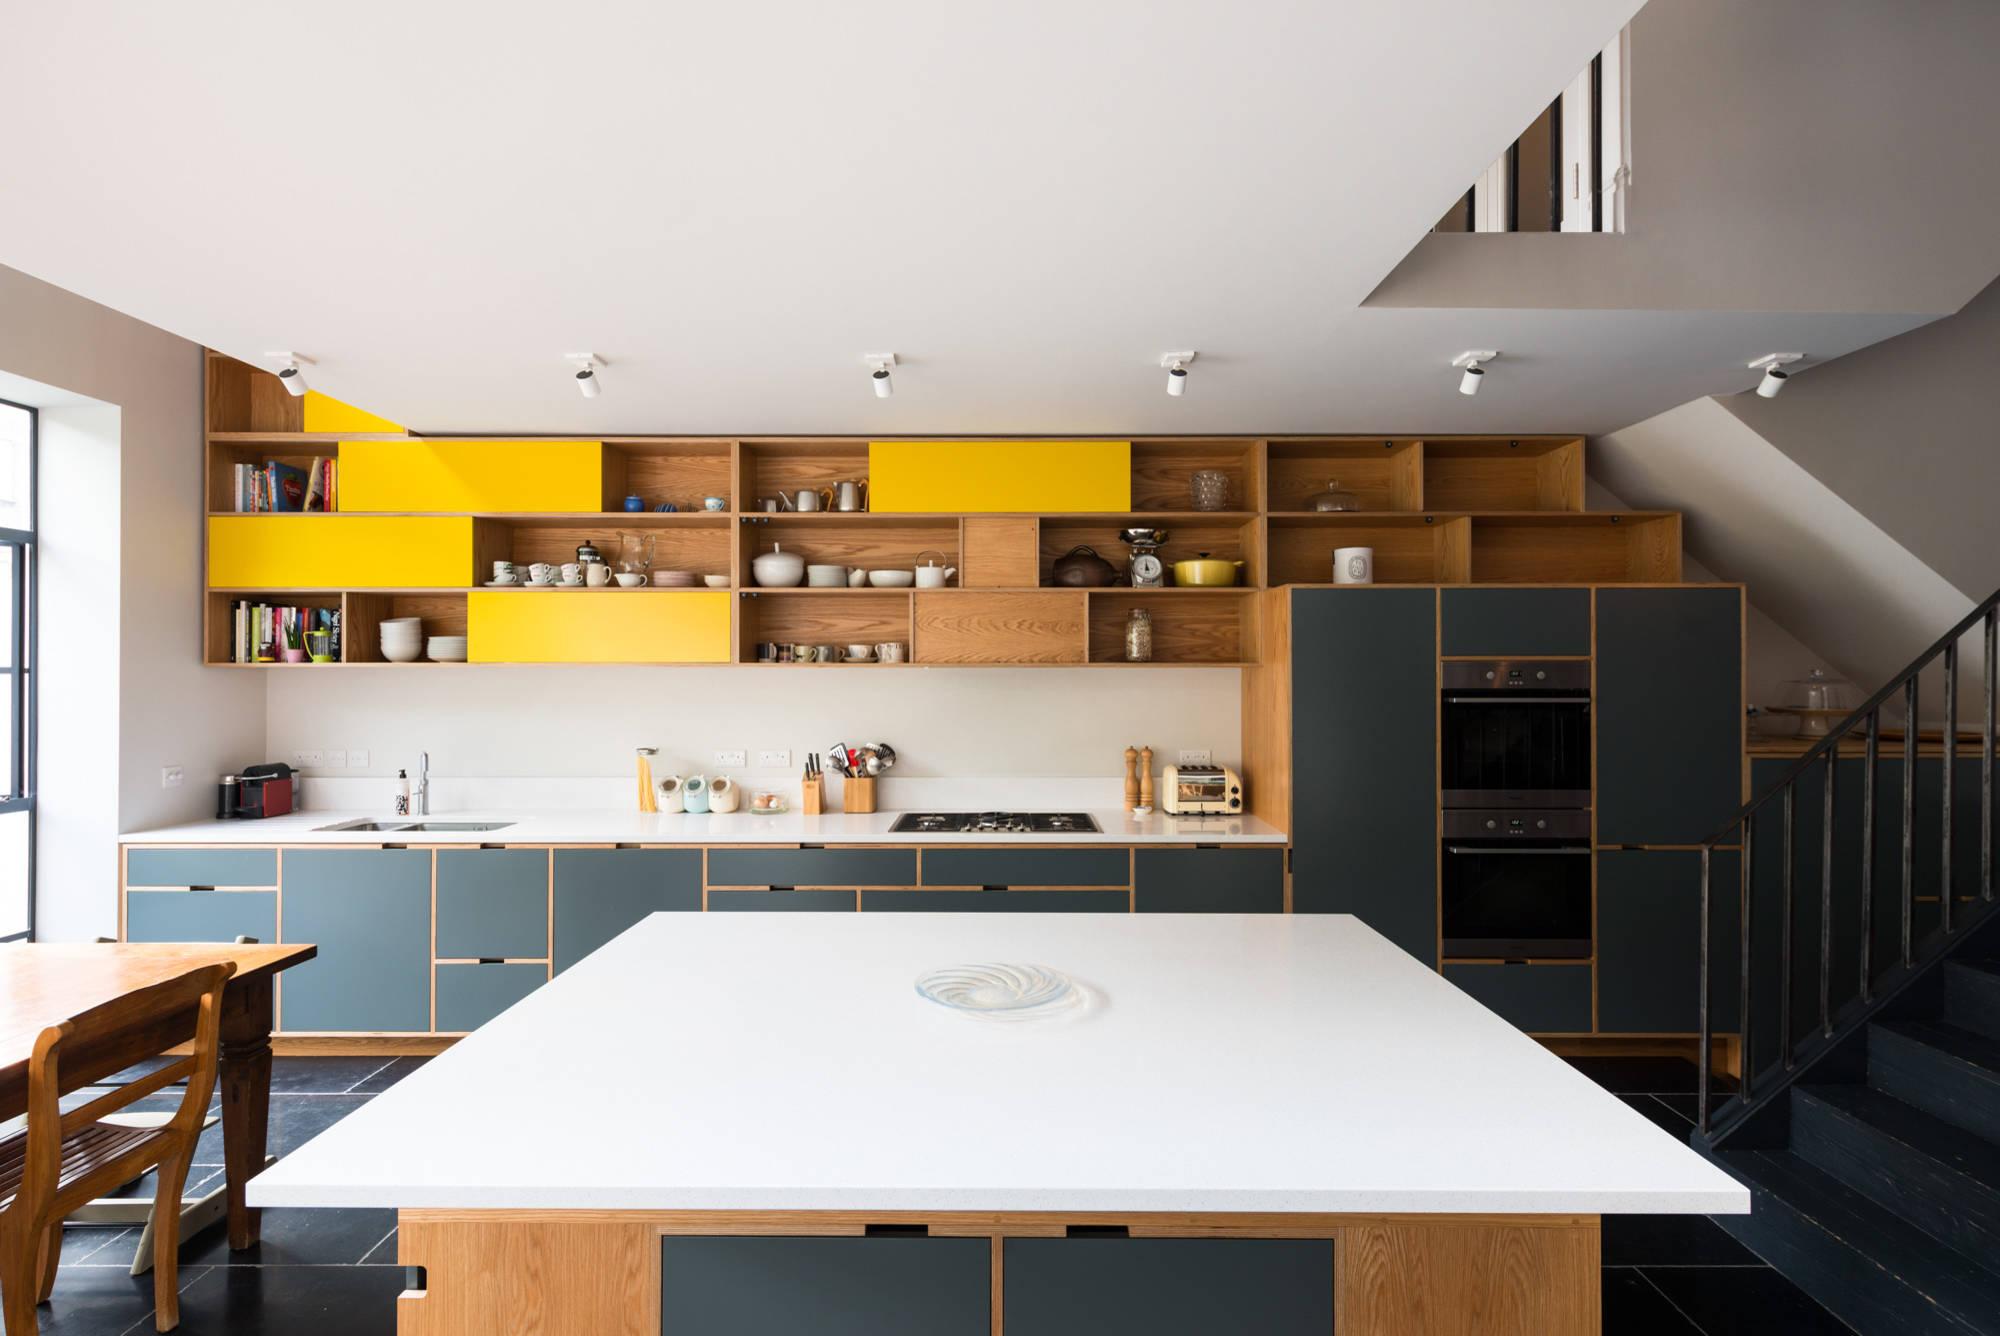 Коричневая кухня в интерьере: 120+ (фото) сочетаний в ярких тонах